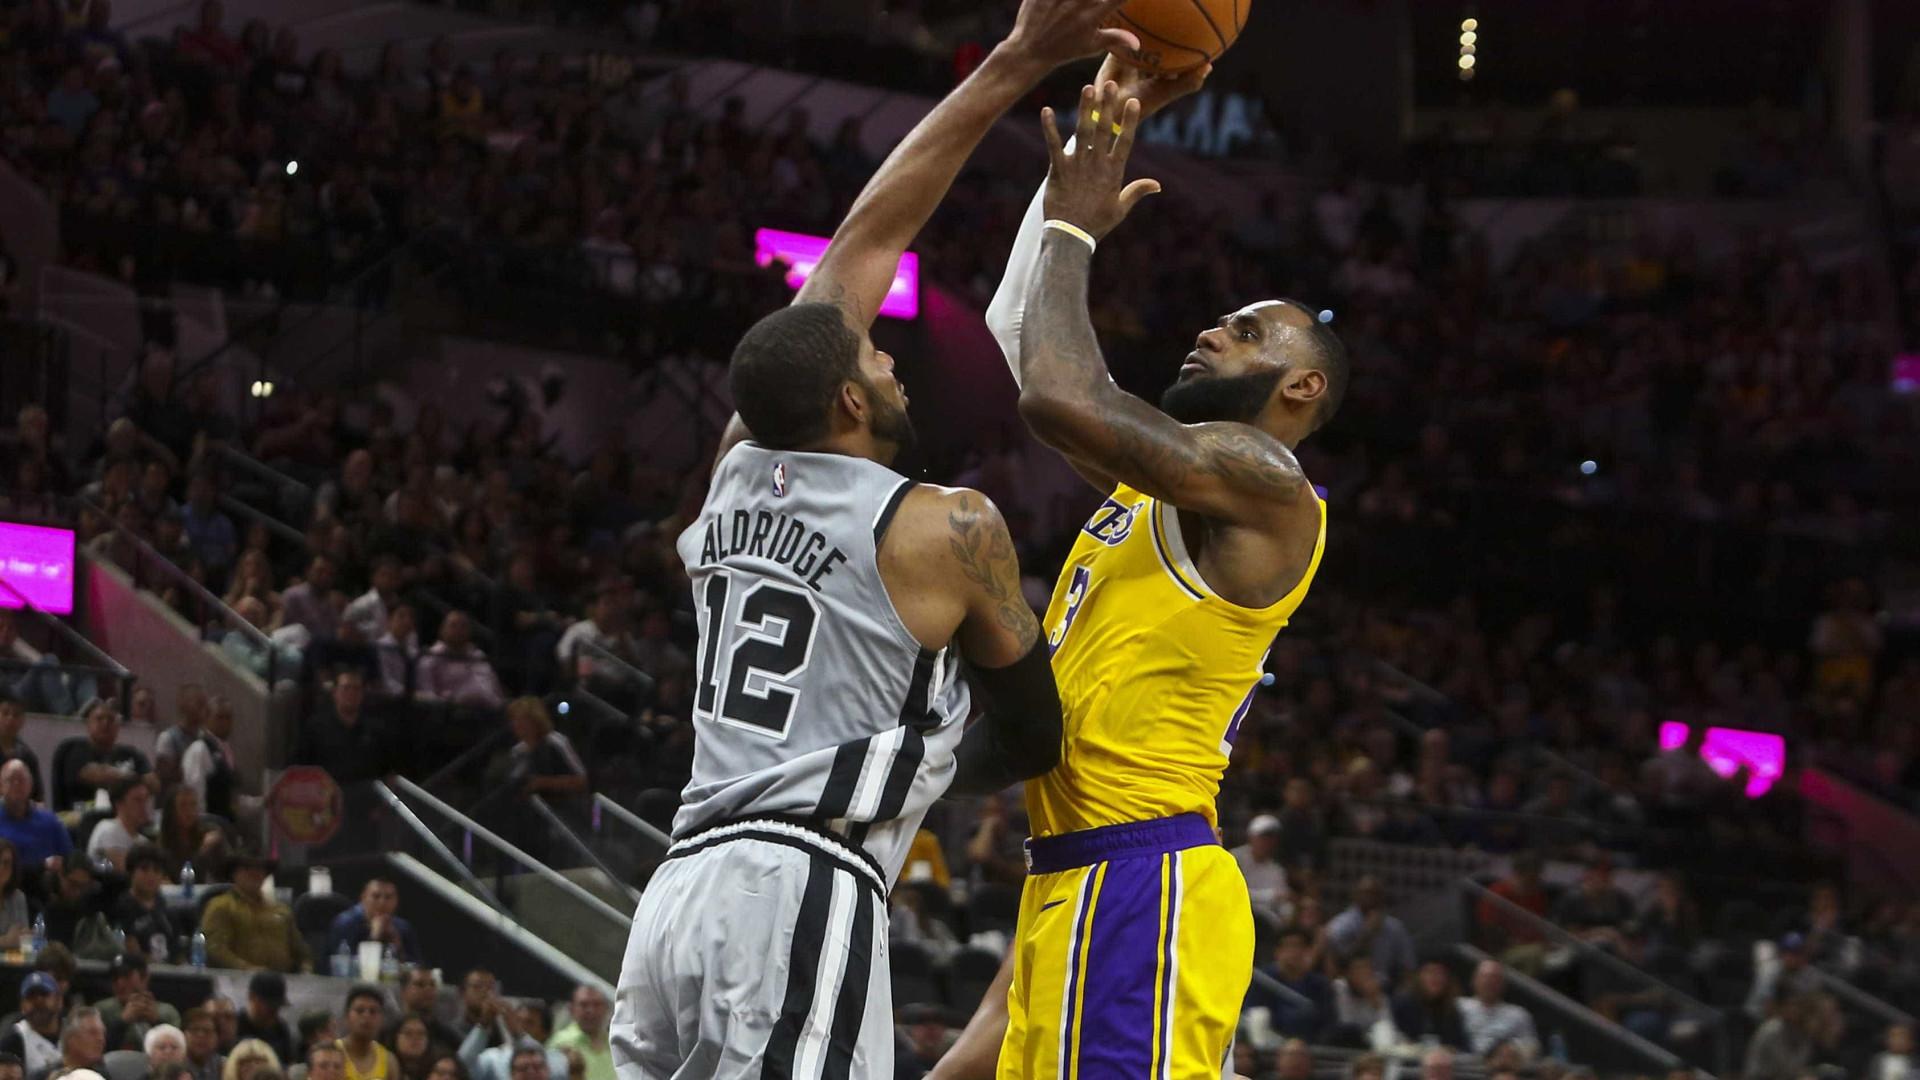 LeBron brilha, mas Lakers perde do Spurs e sofre 4ª derrota no torneio